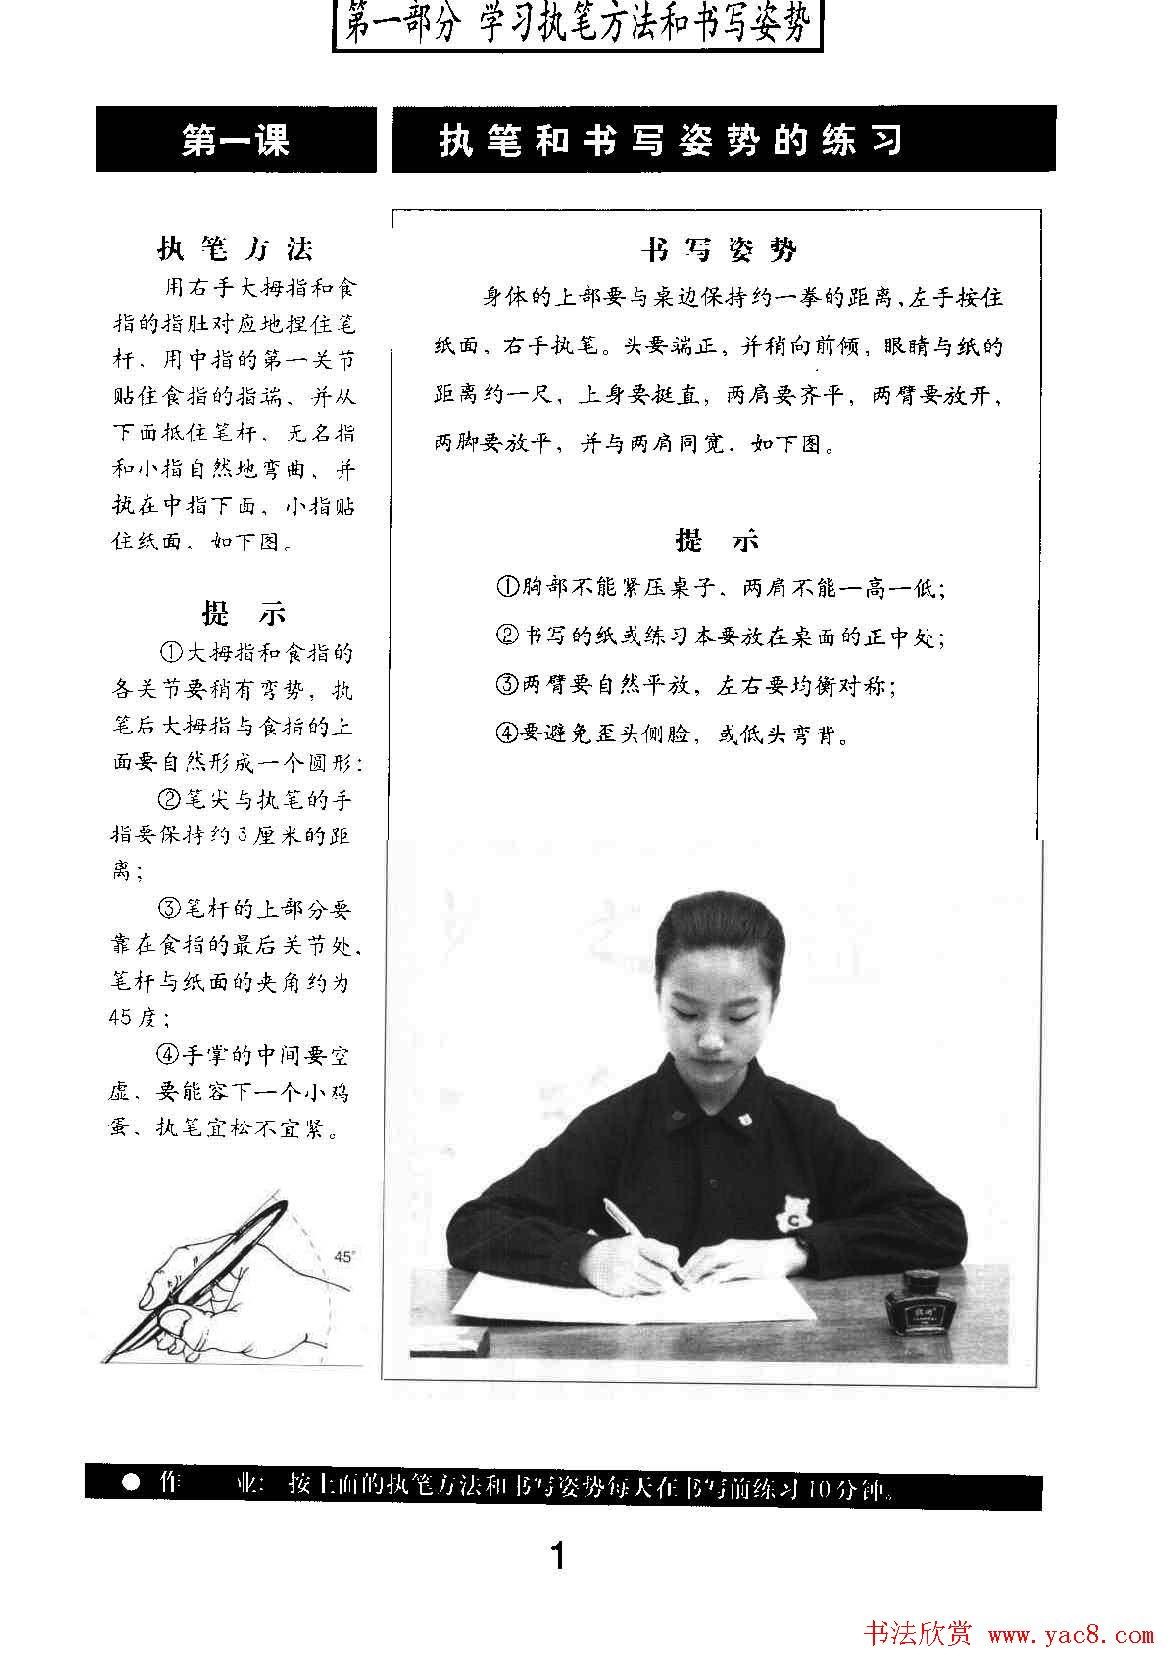 书法教材学习字帖《标准钢笔楷书》